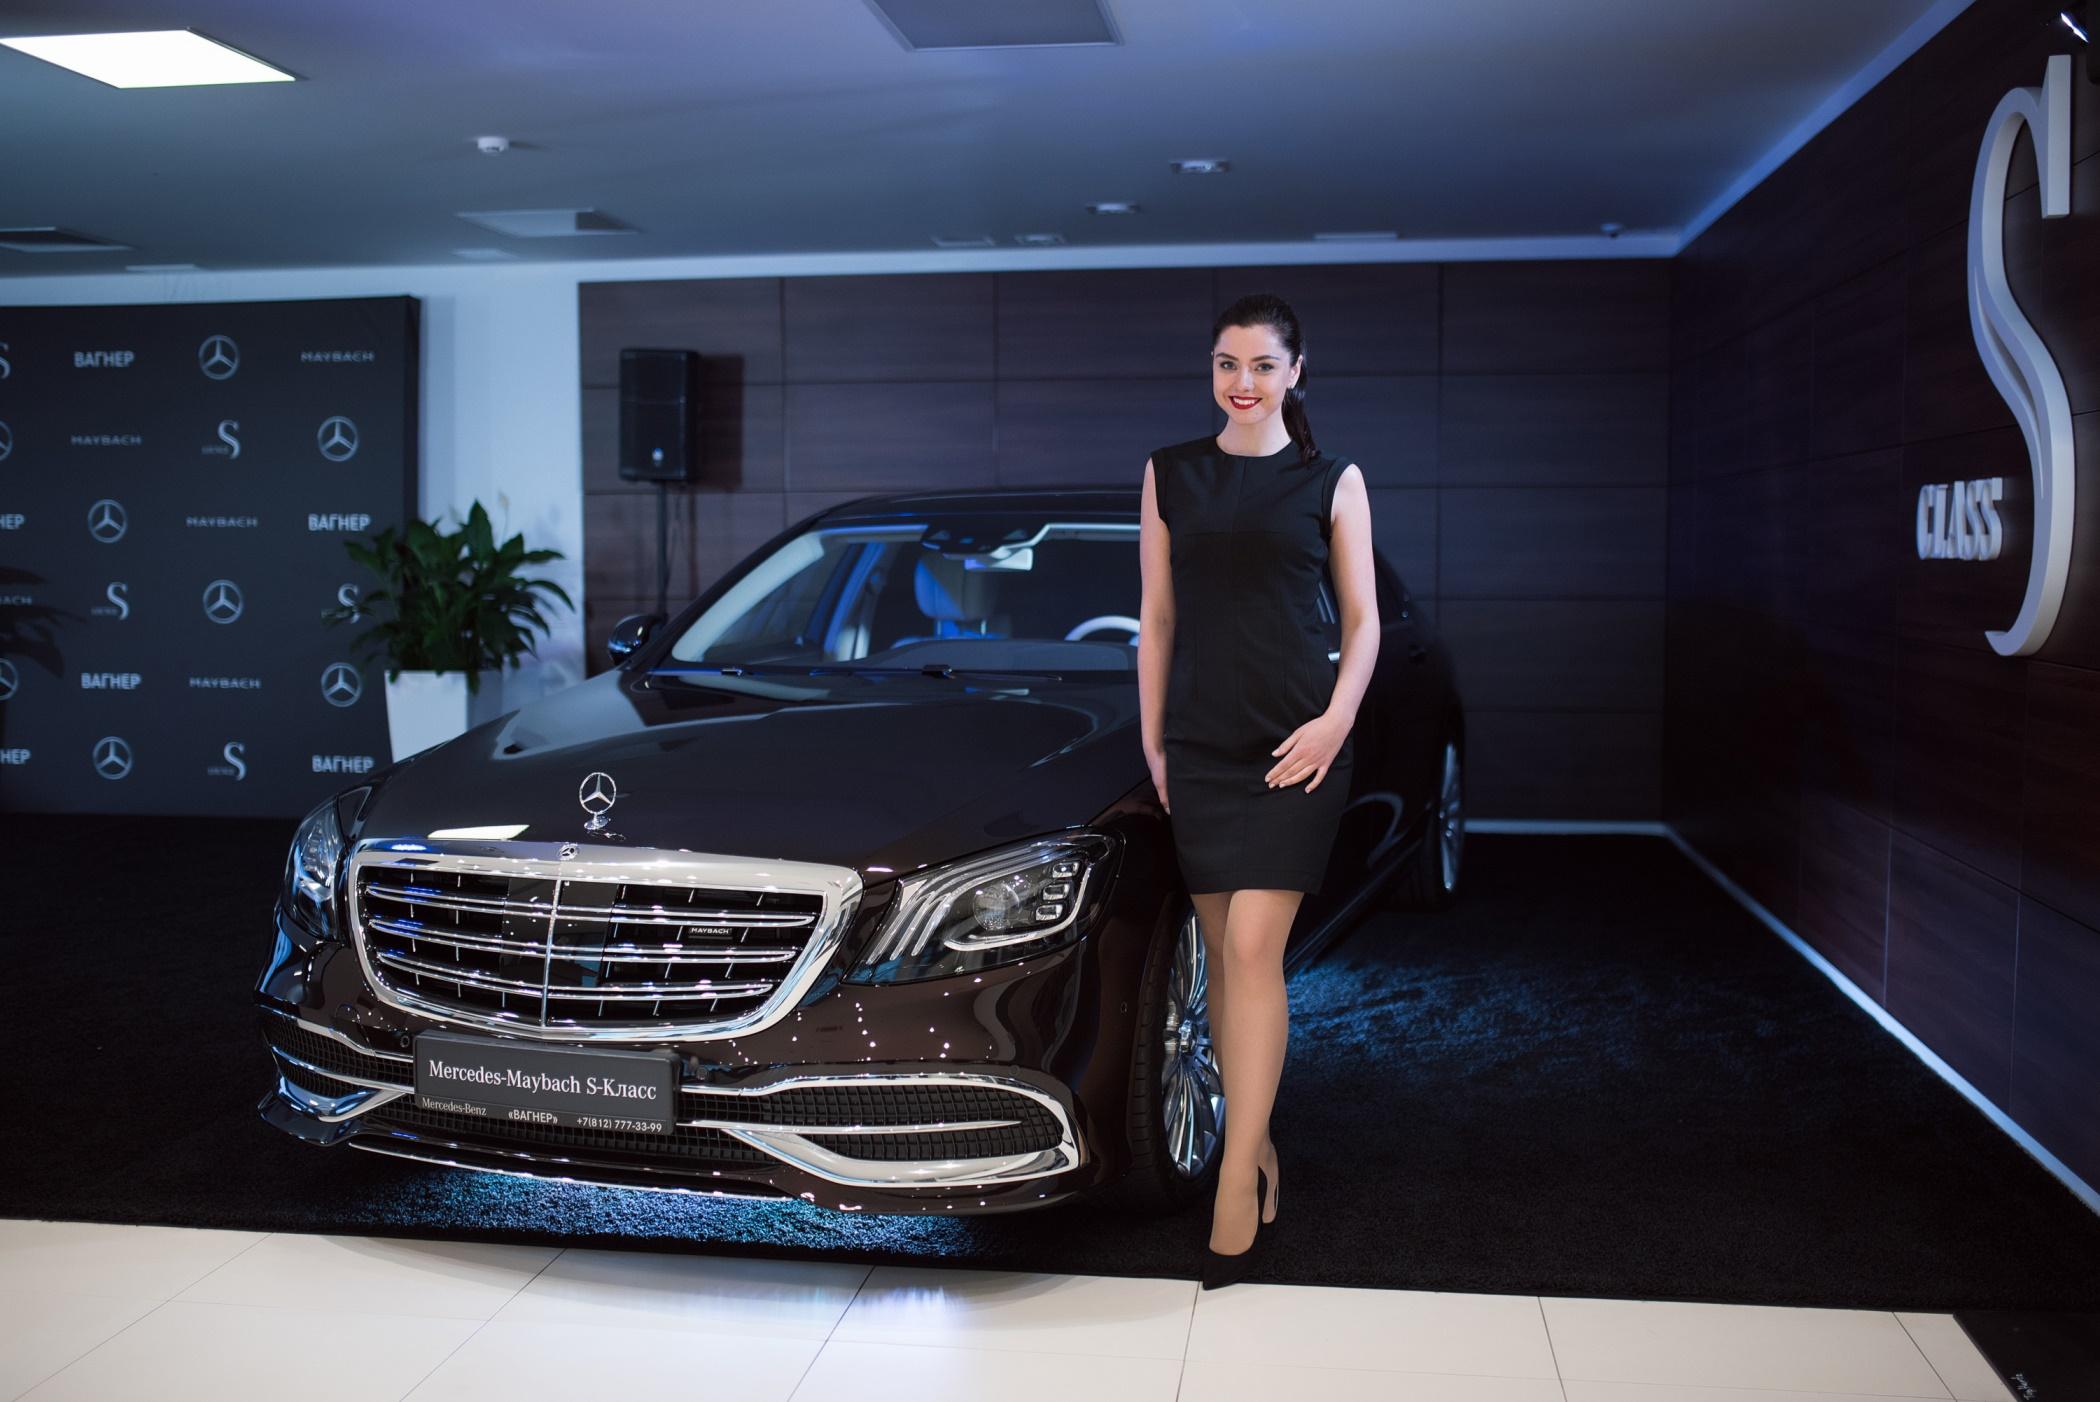 Закрытый предпоказ обновленных MB S-Класс и Mercedes-Maybach S-Класс